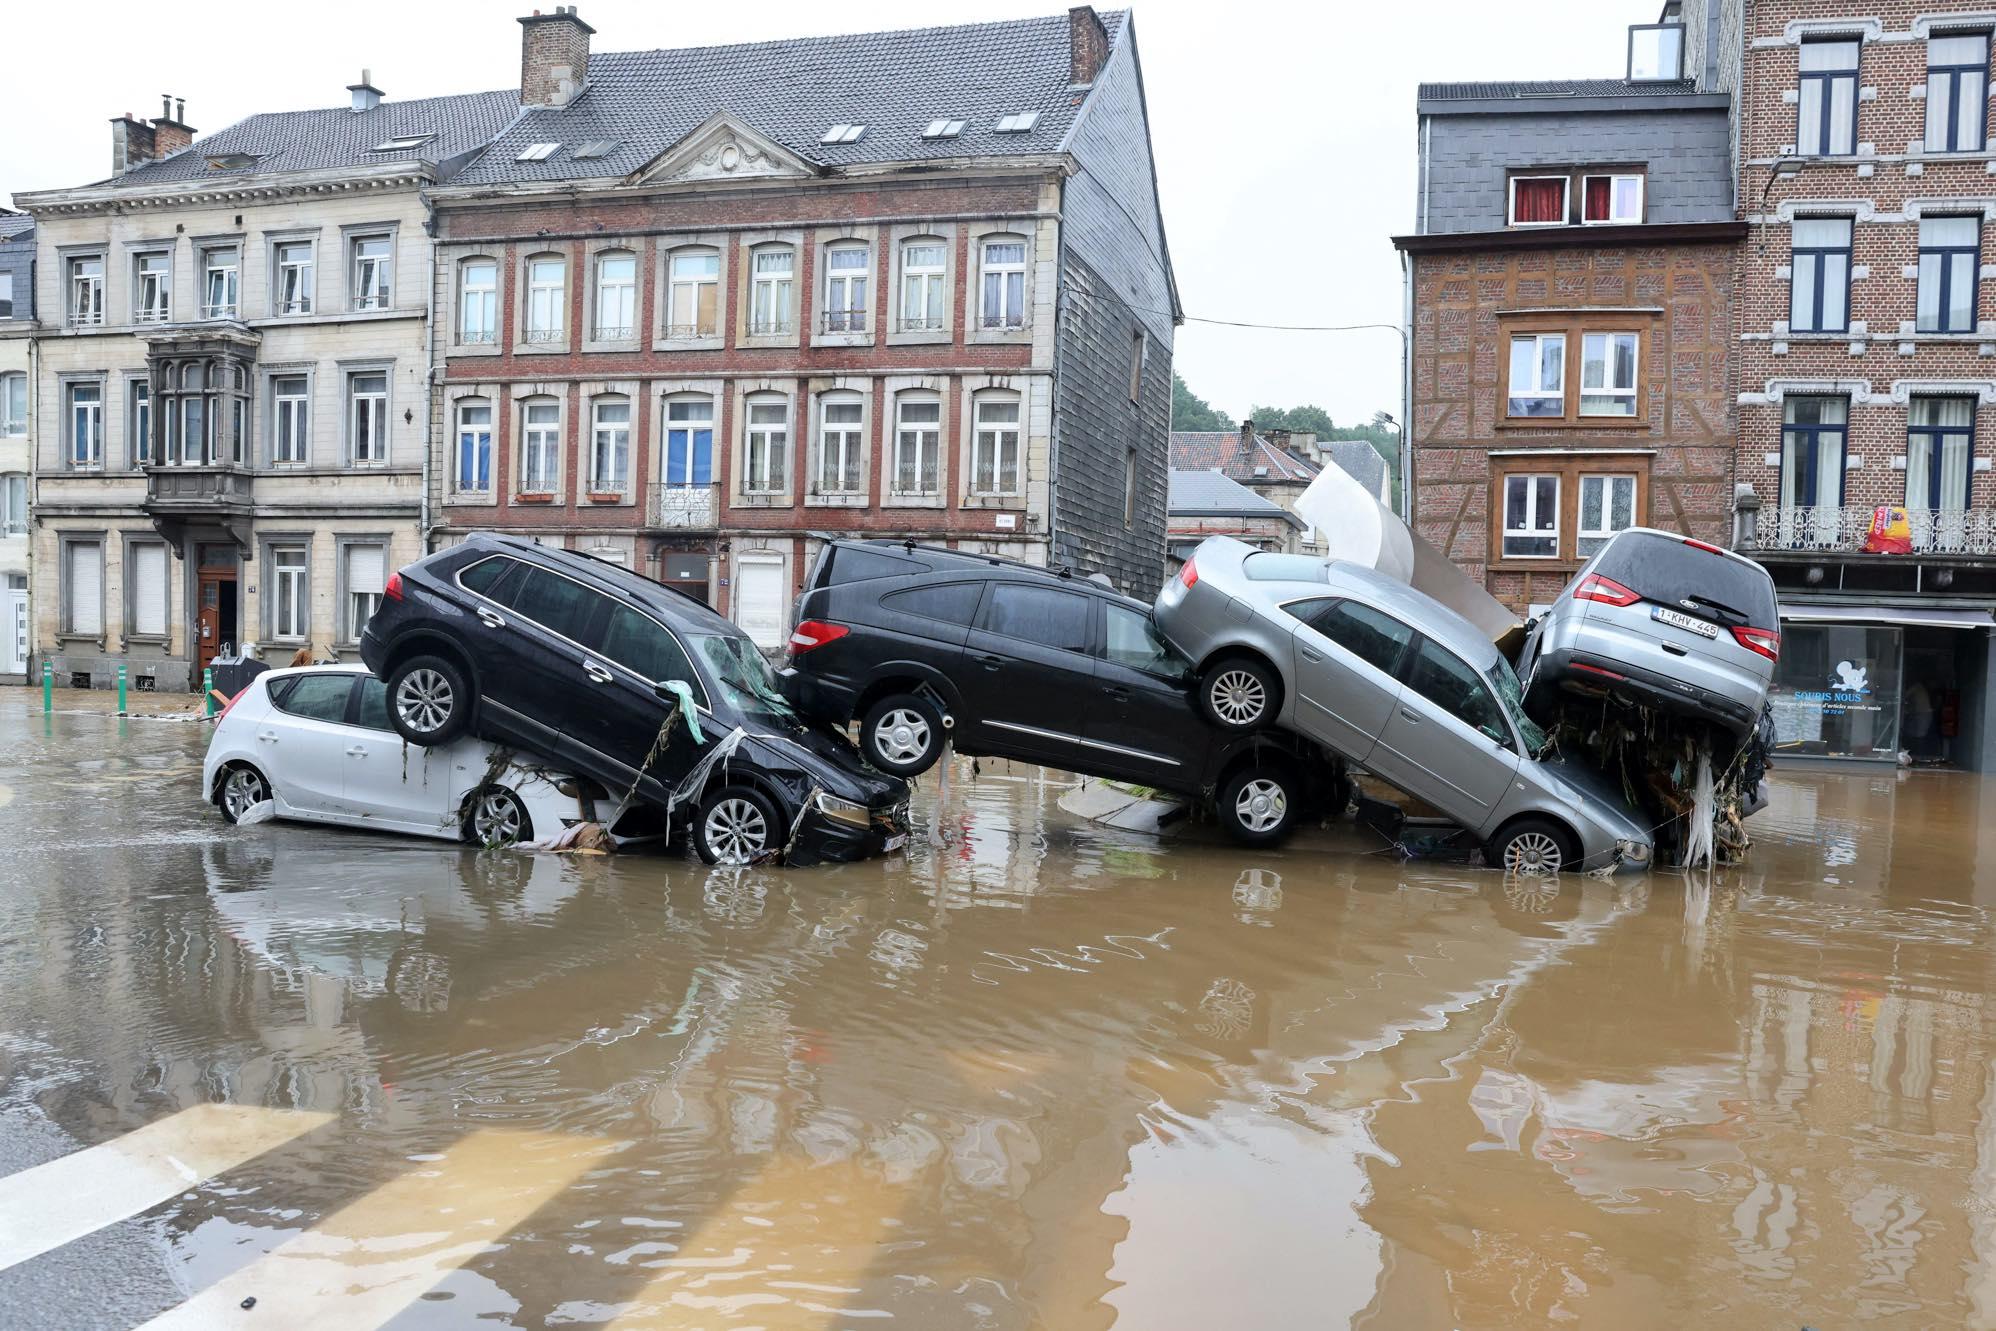 سیل در اروپا خودروها را با خود برد! + عکس